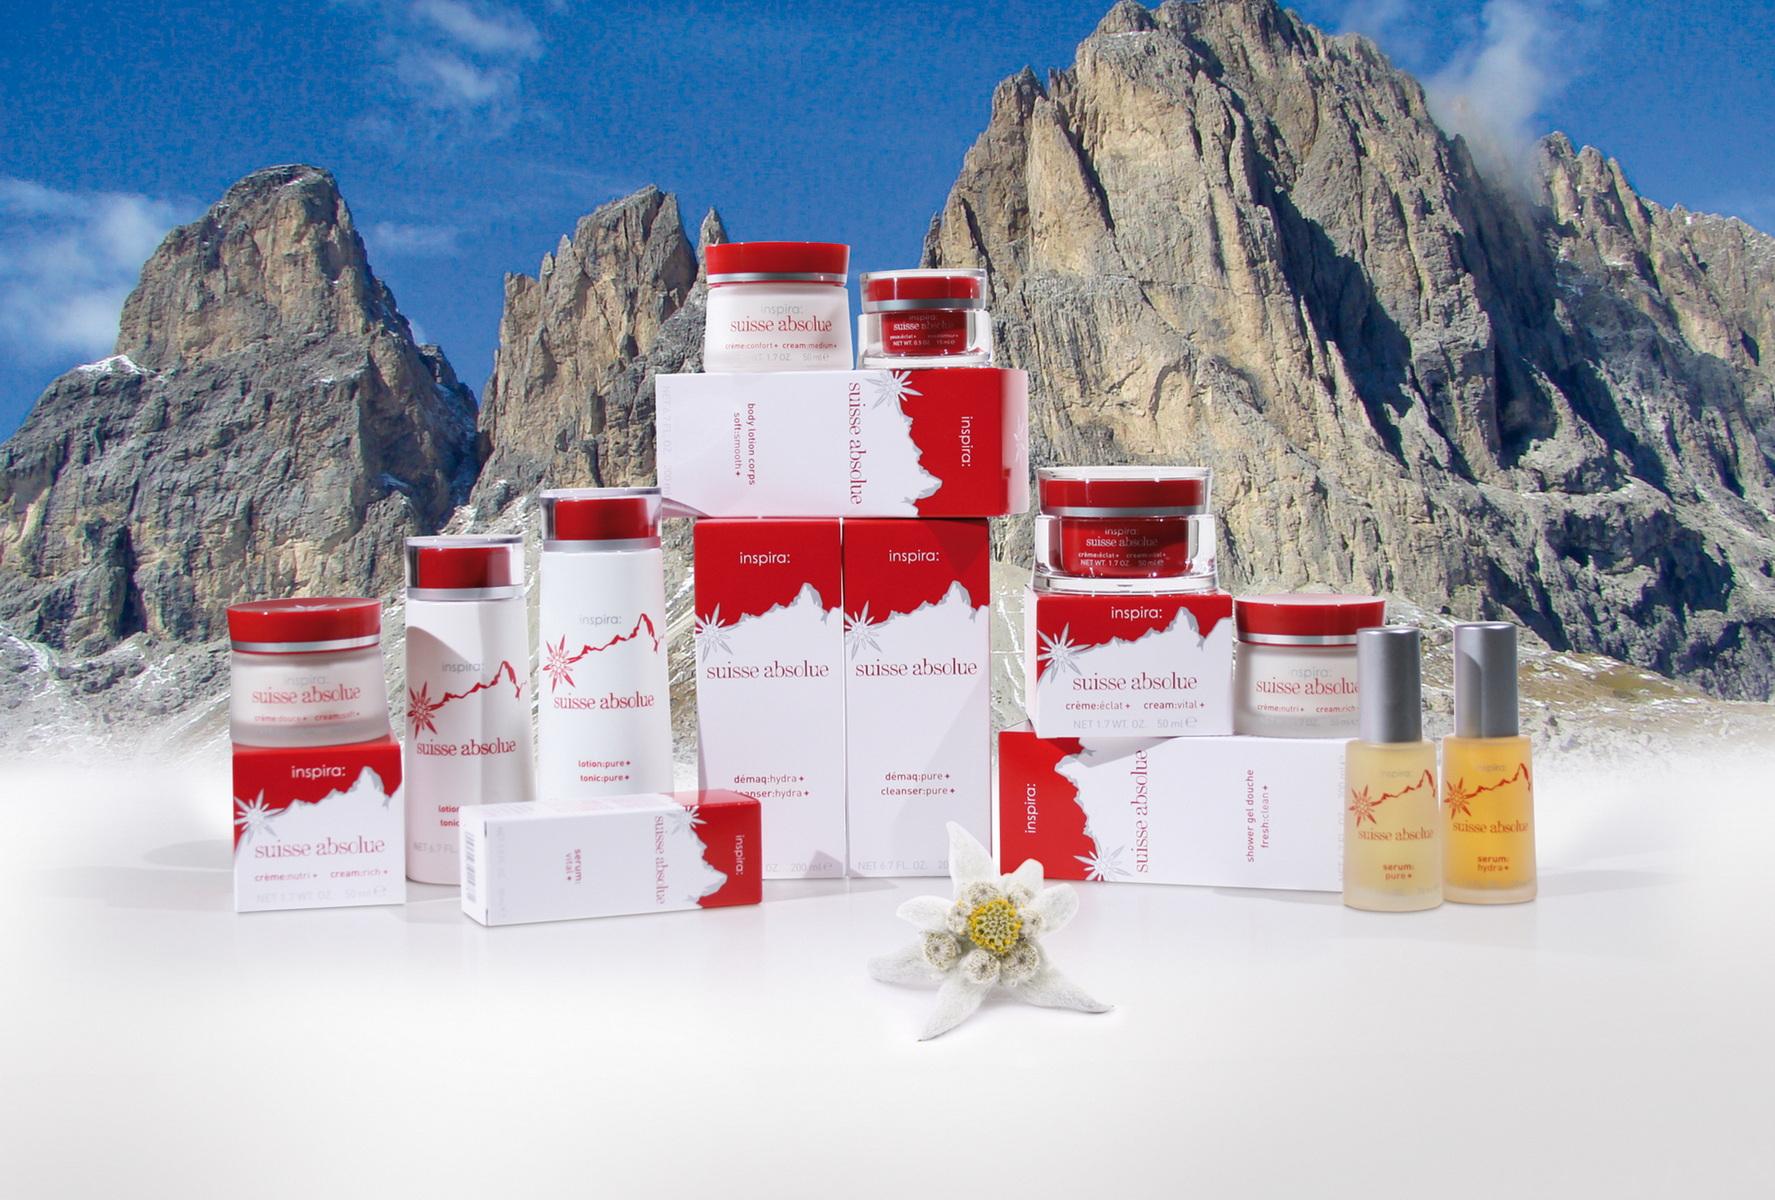 Suisse Absolue 2008